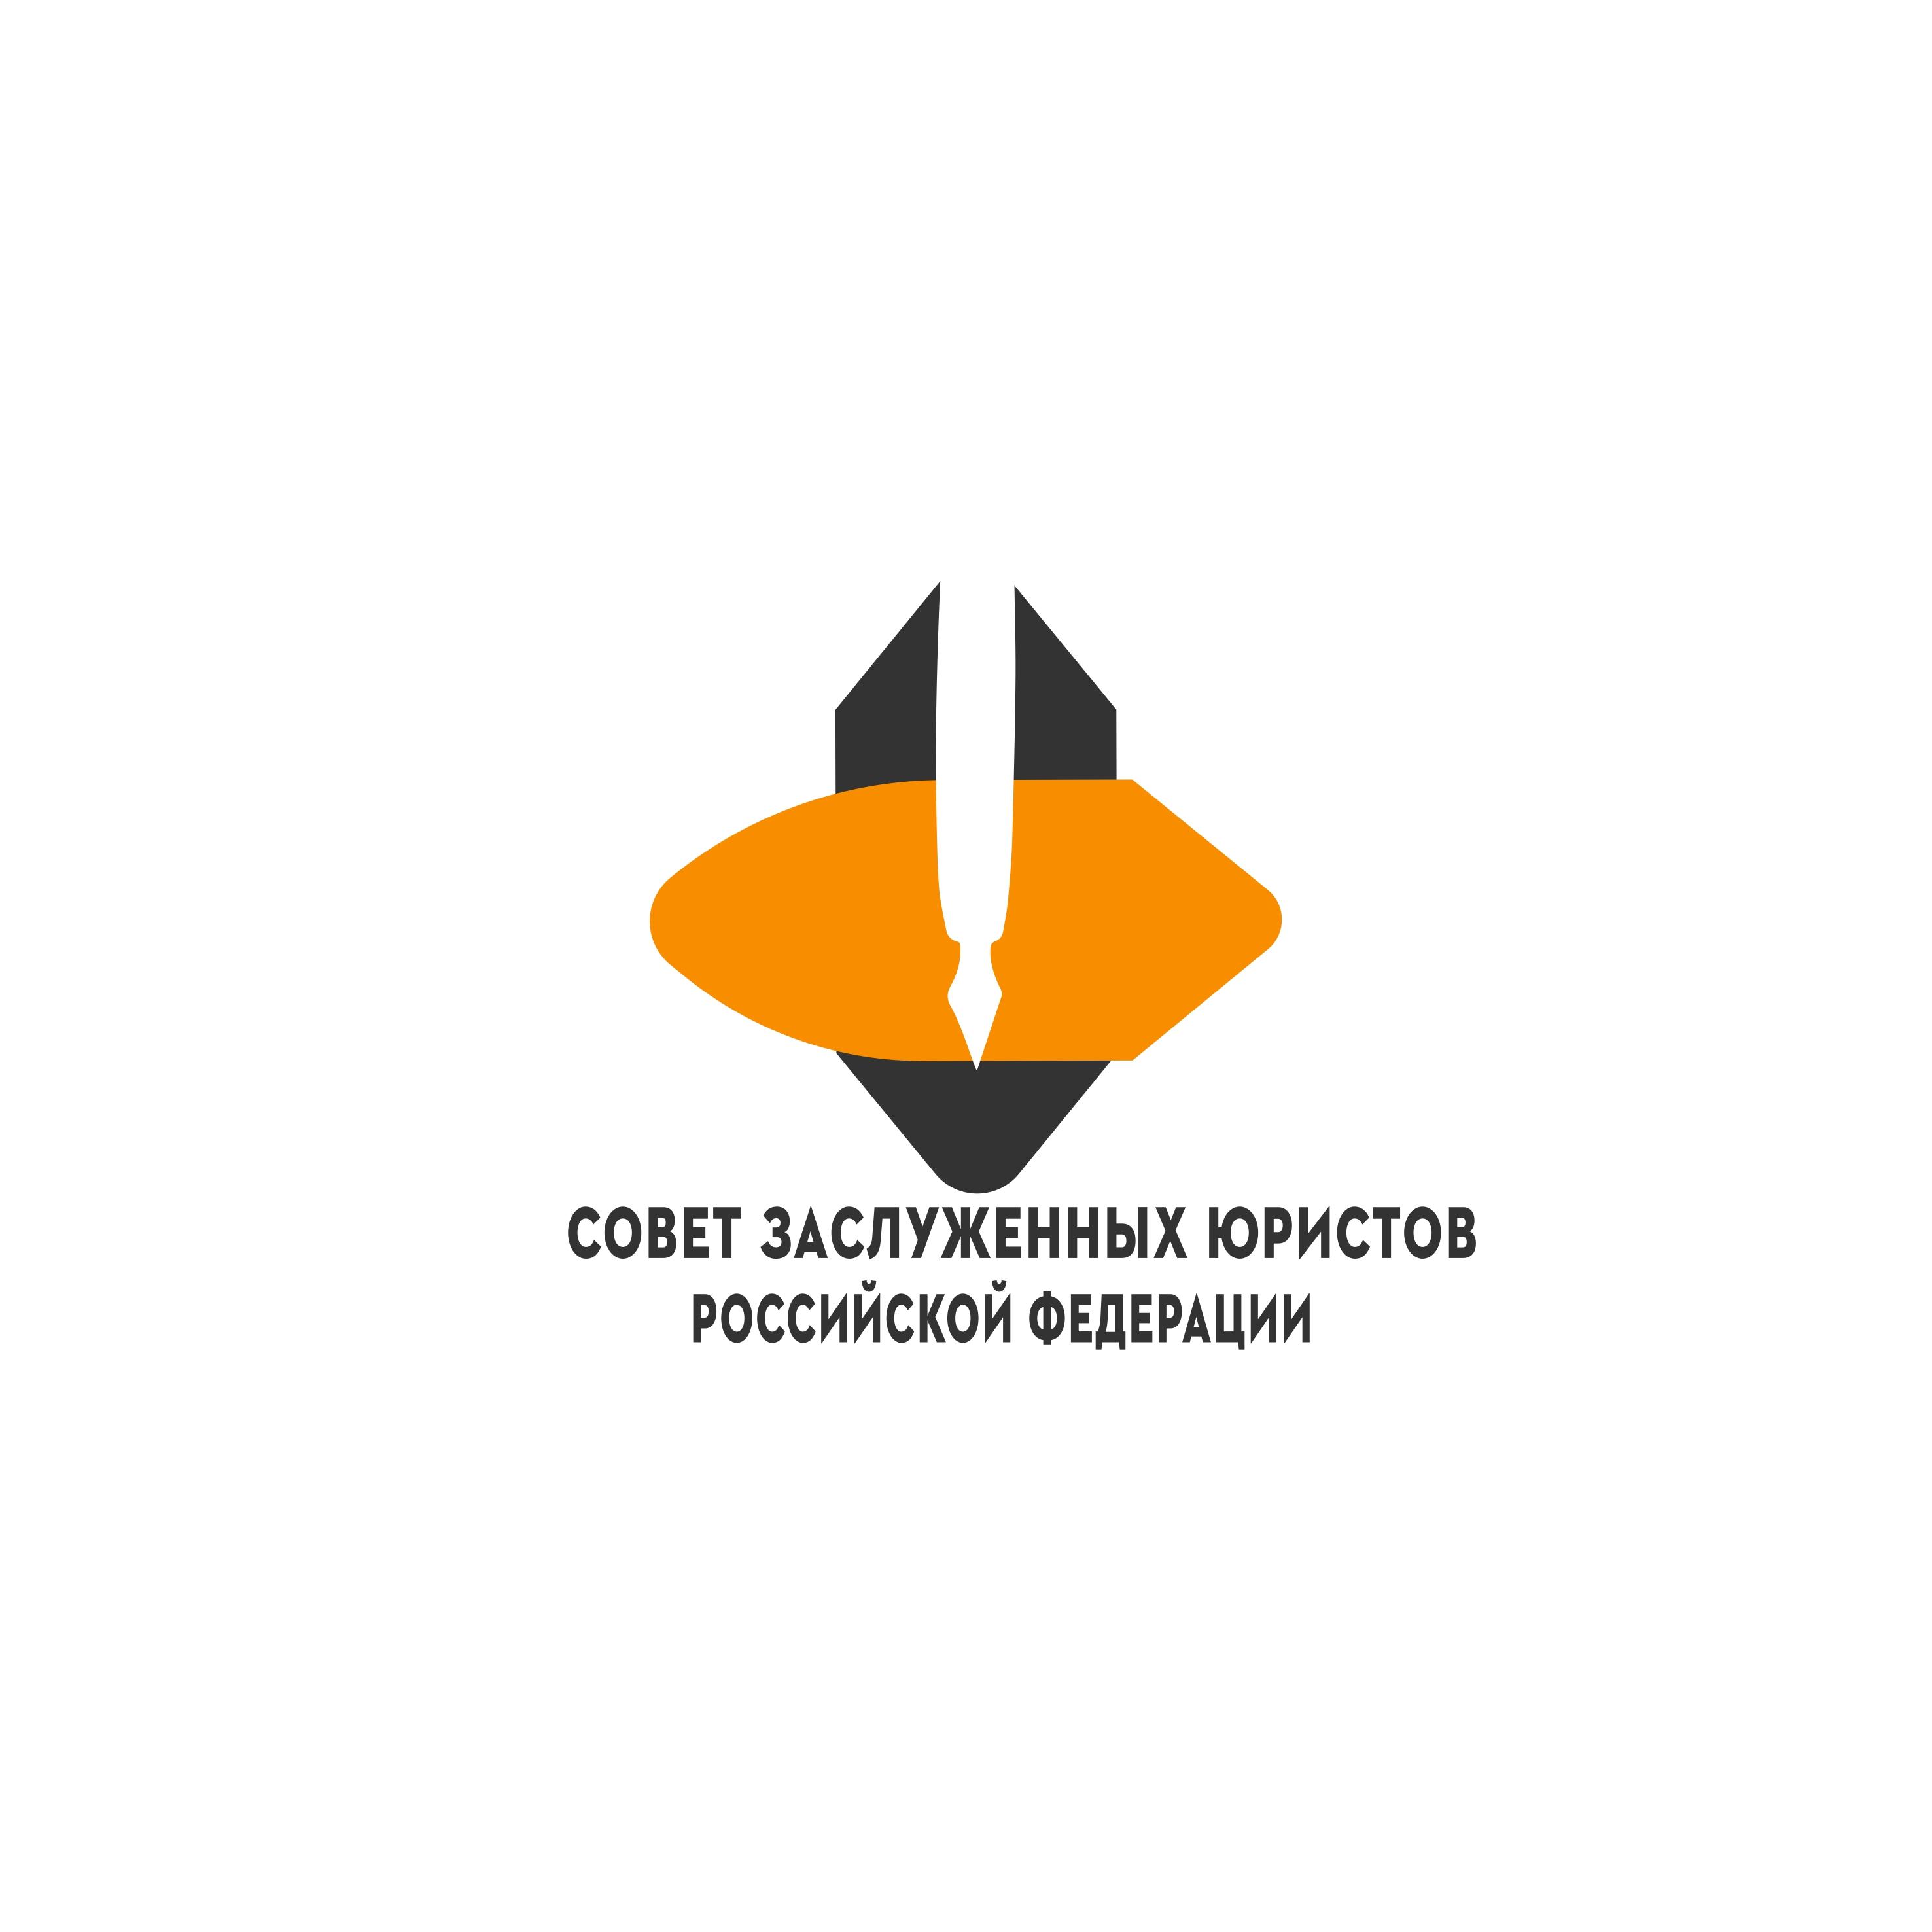 Разработка логотипа Совета (Клуба) заслуженных юристов Российской Федерации фото f_6205e4af47306709.jpg